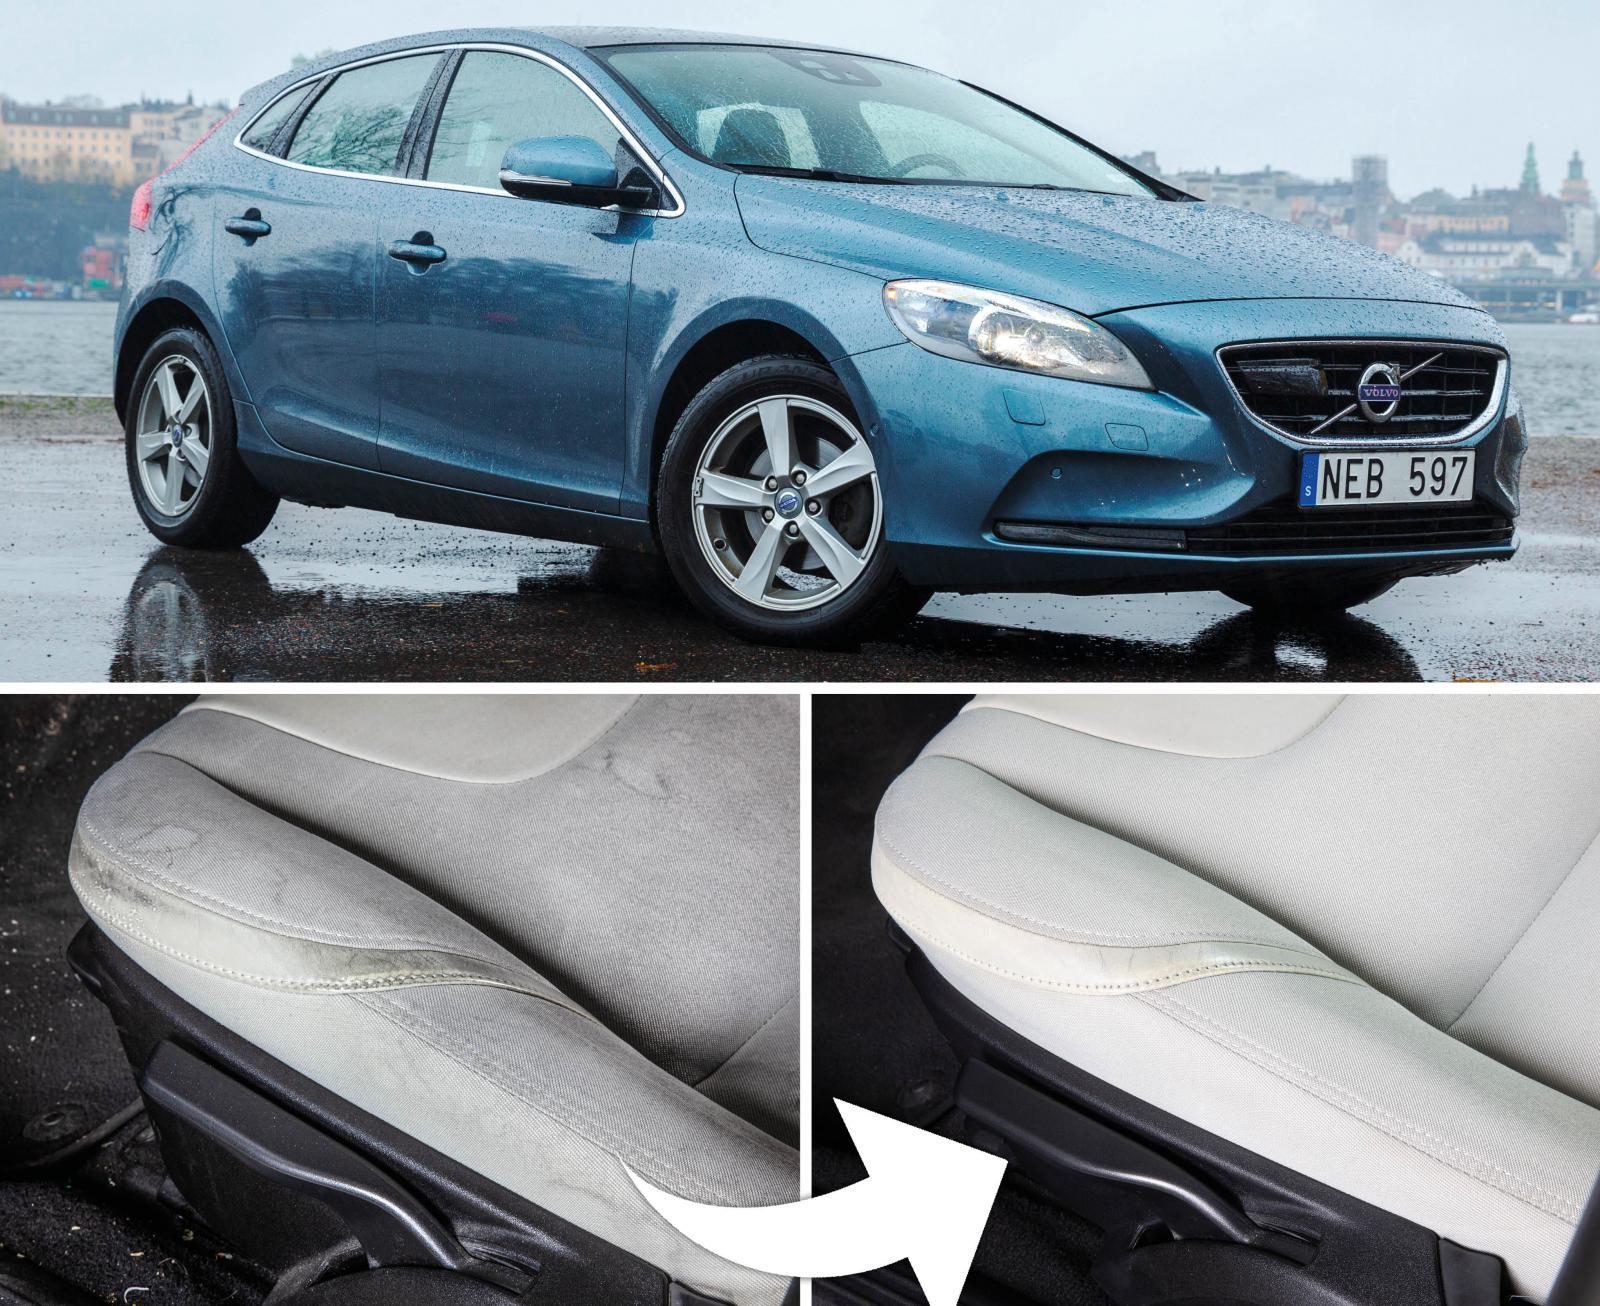 Bilhandlaren kan få 9 100 kronor mer betalt för bilen genom att skruva tillbaka en Volvo V40 från 10 000 till 6 000 mil. En enkel interiörtvätt kan vara allt som behövs.